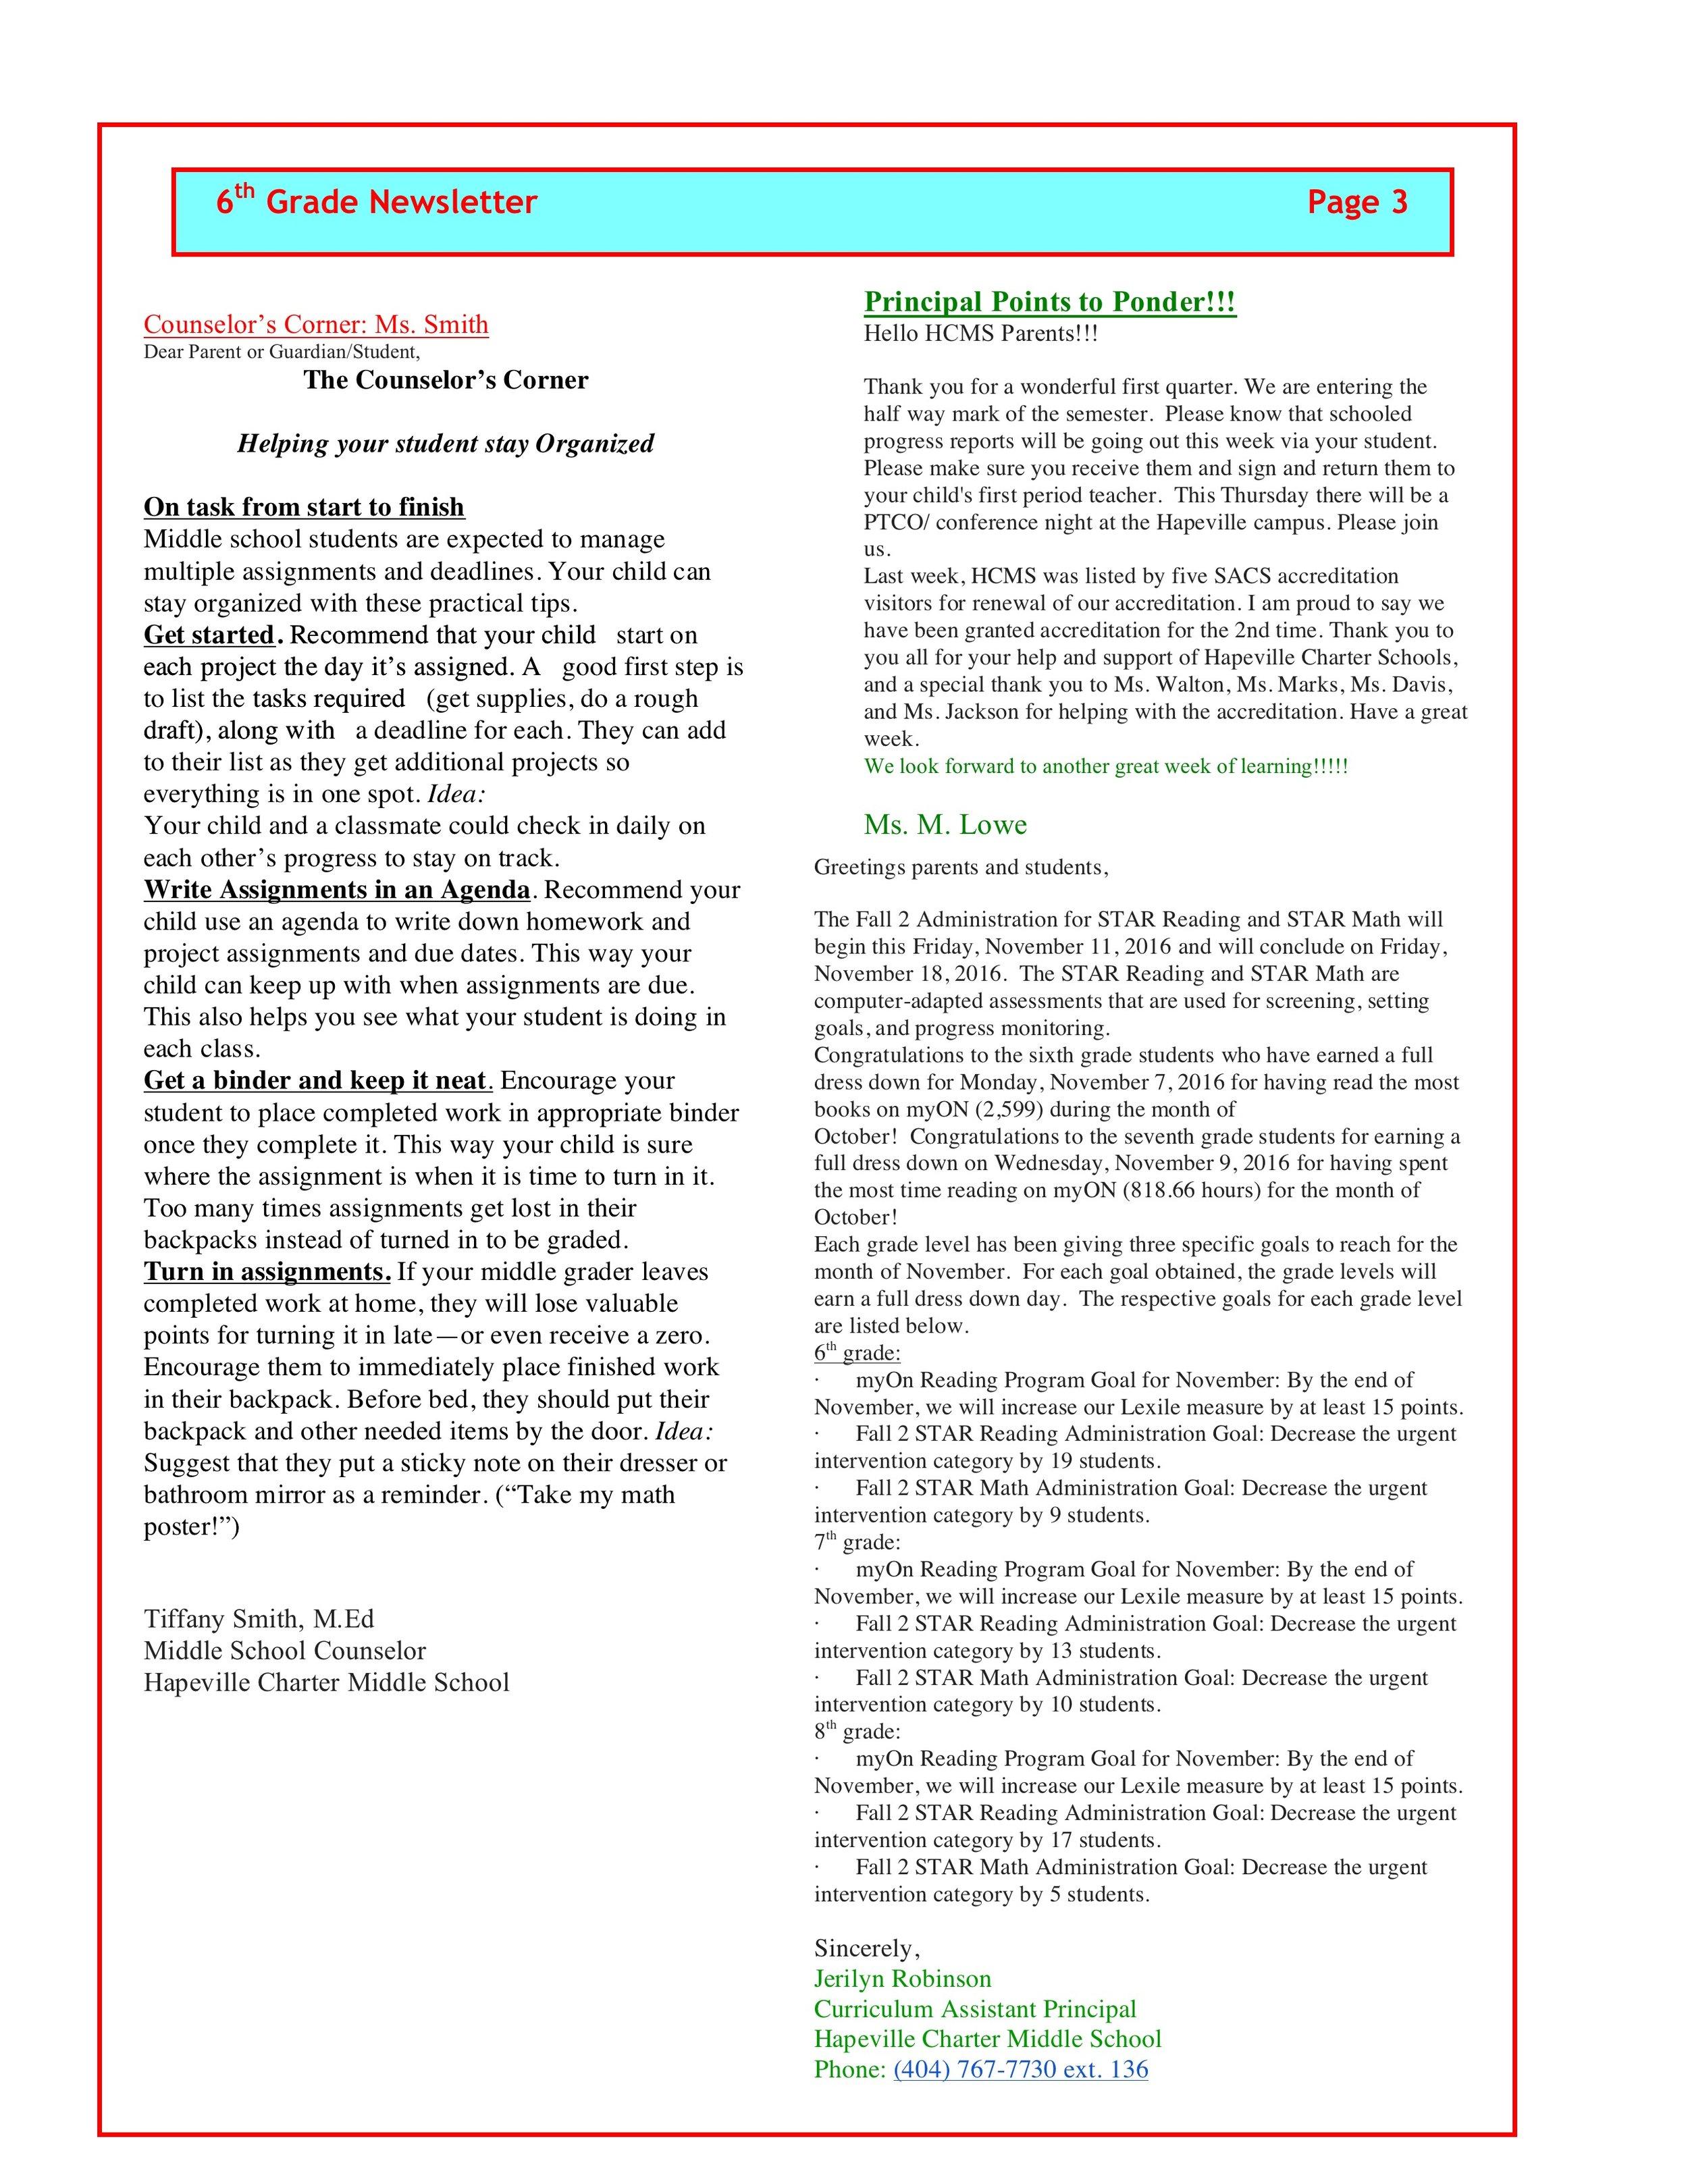 Newsletter Image6th Grade Newsletter 11-7-2016 3.jpeg